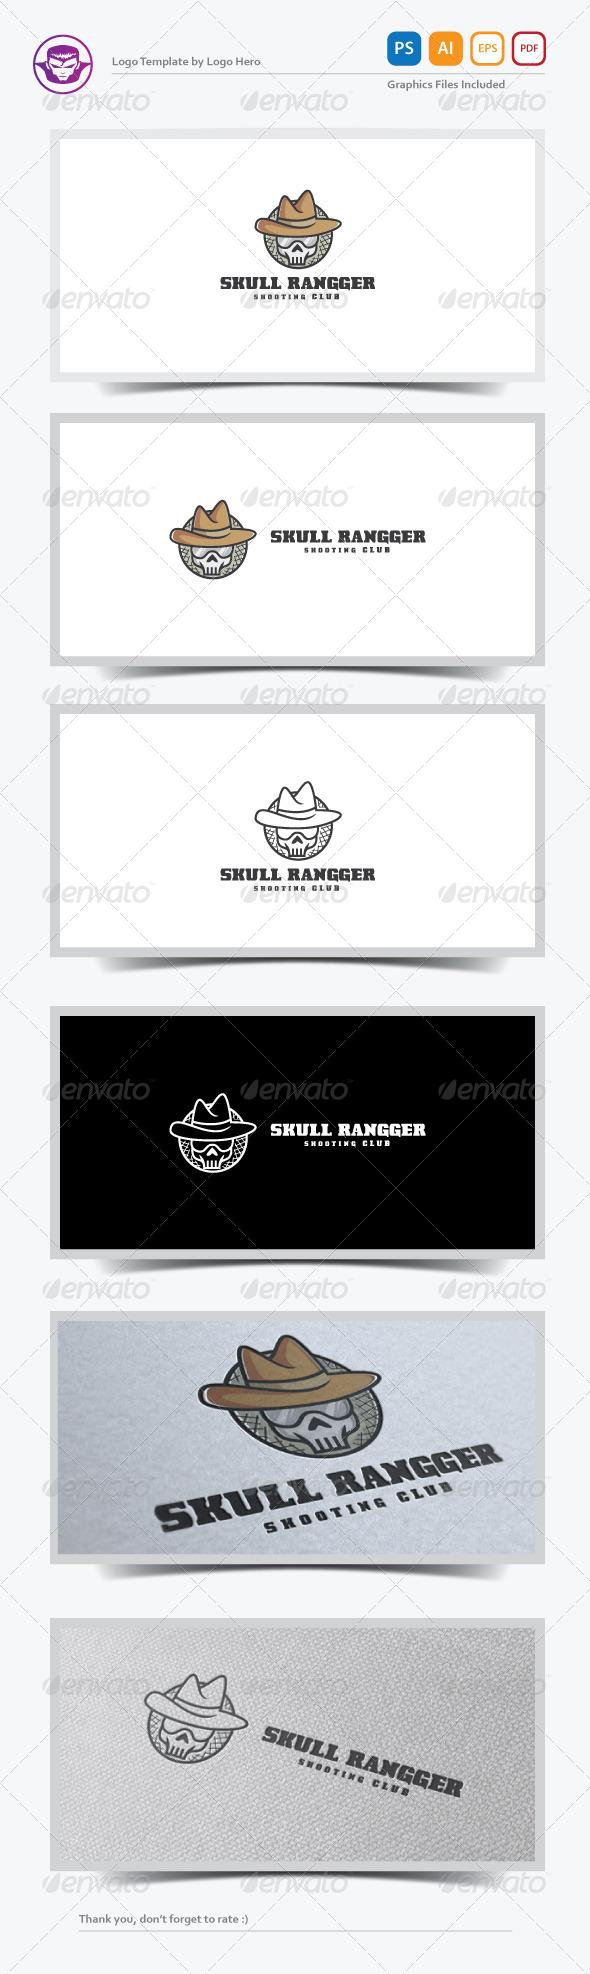 GraphicRiver Skull Ranger Logo Template 7678653